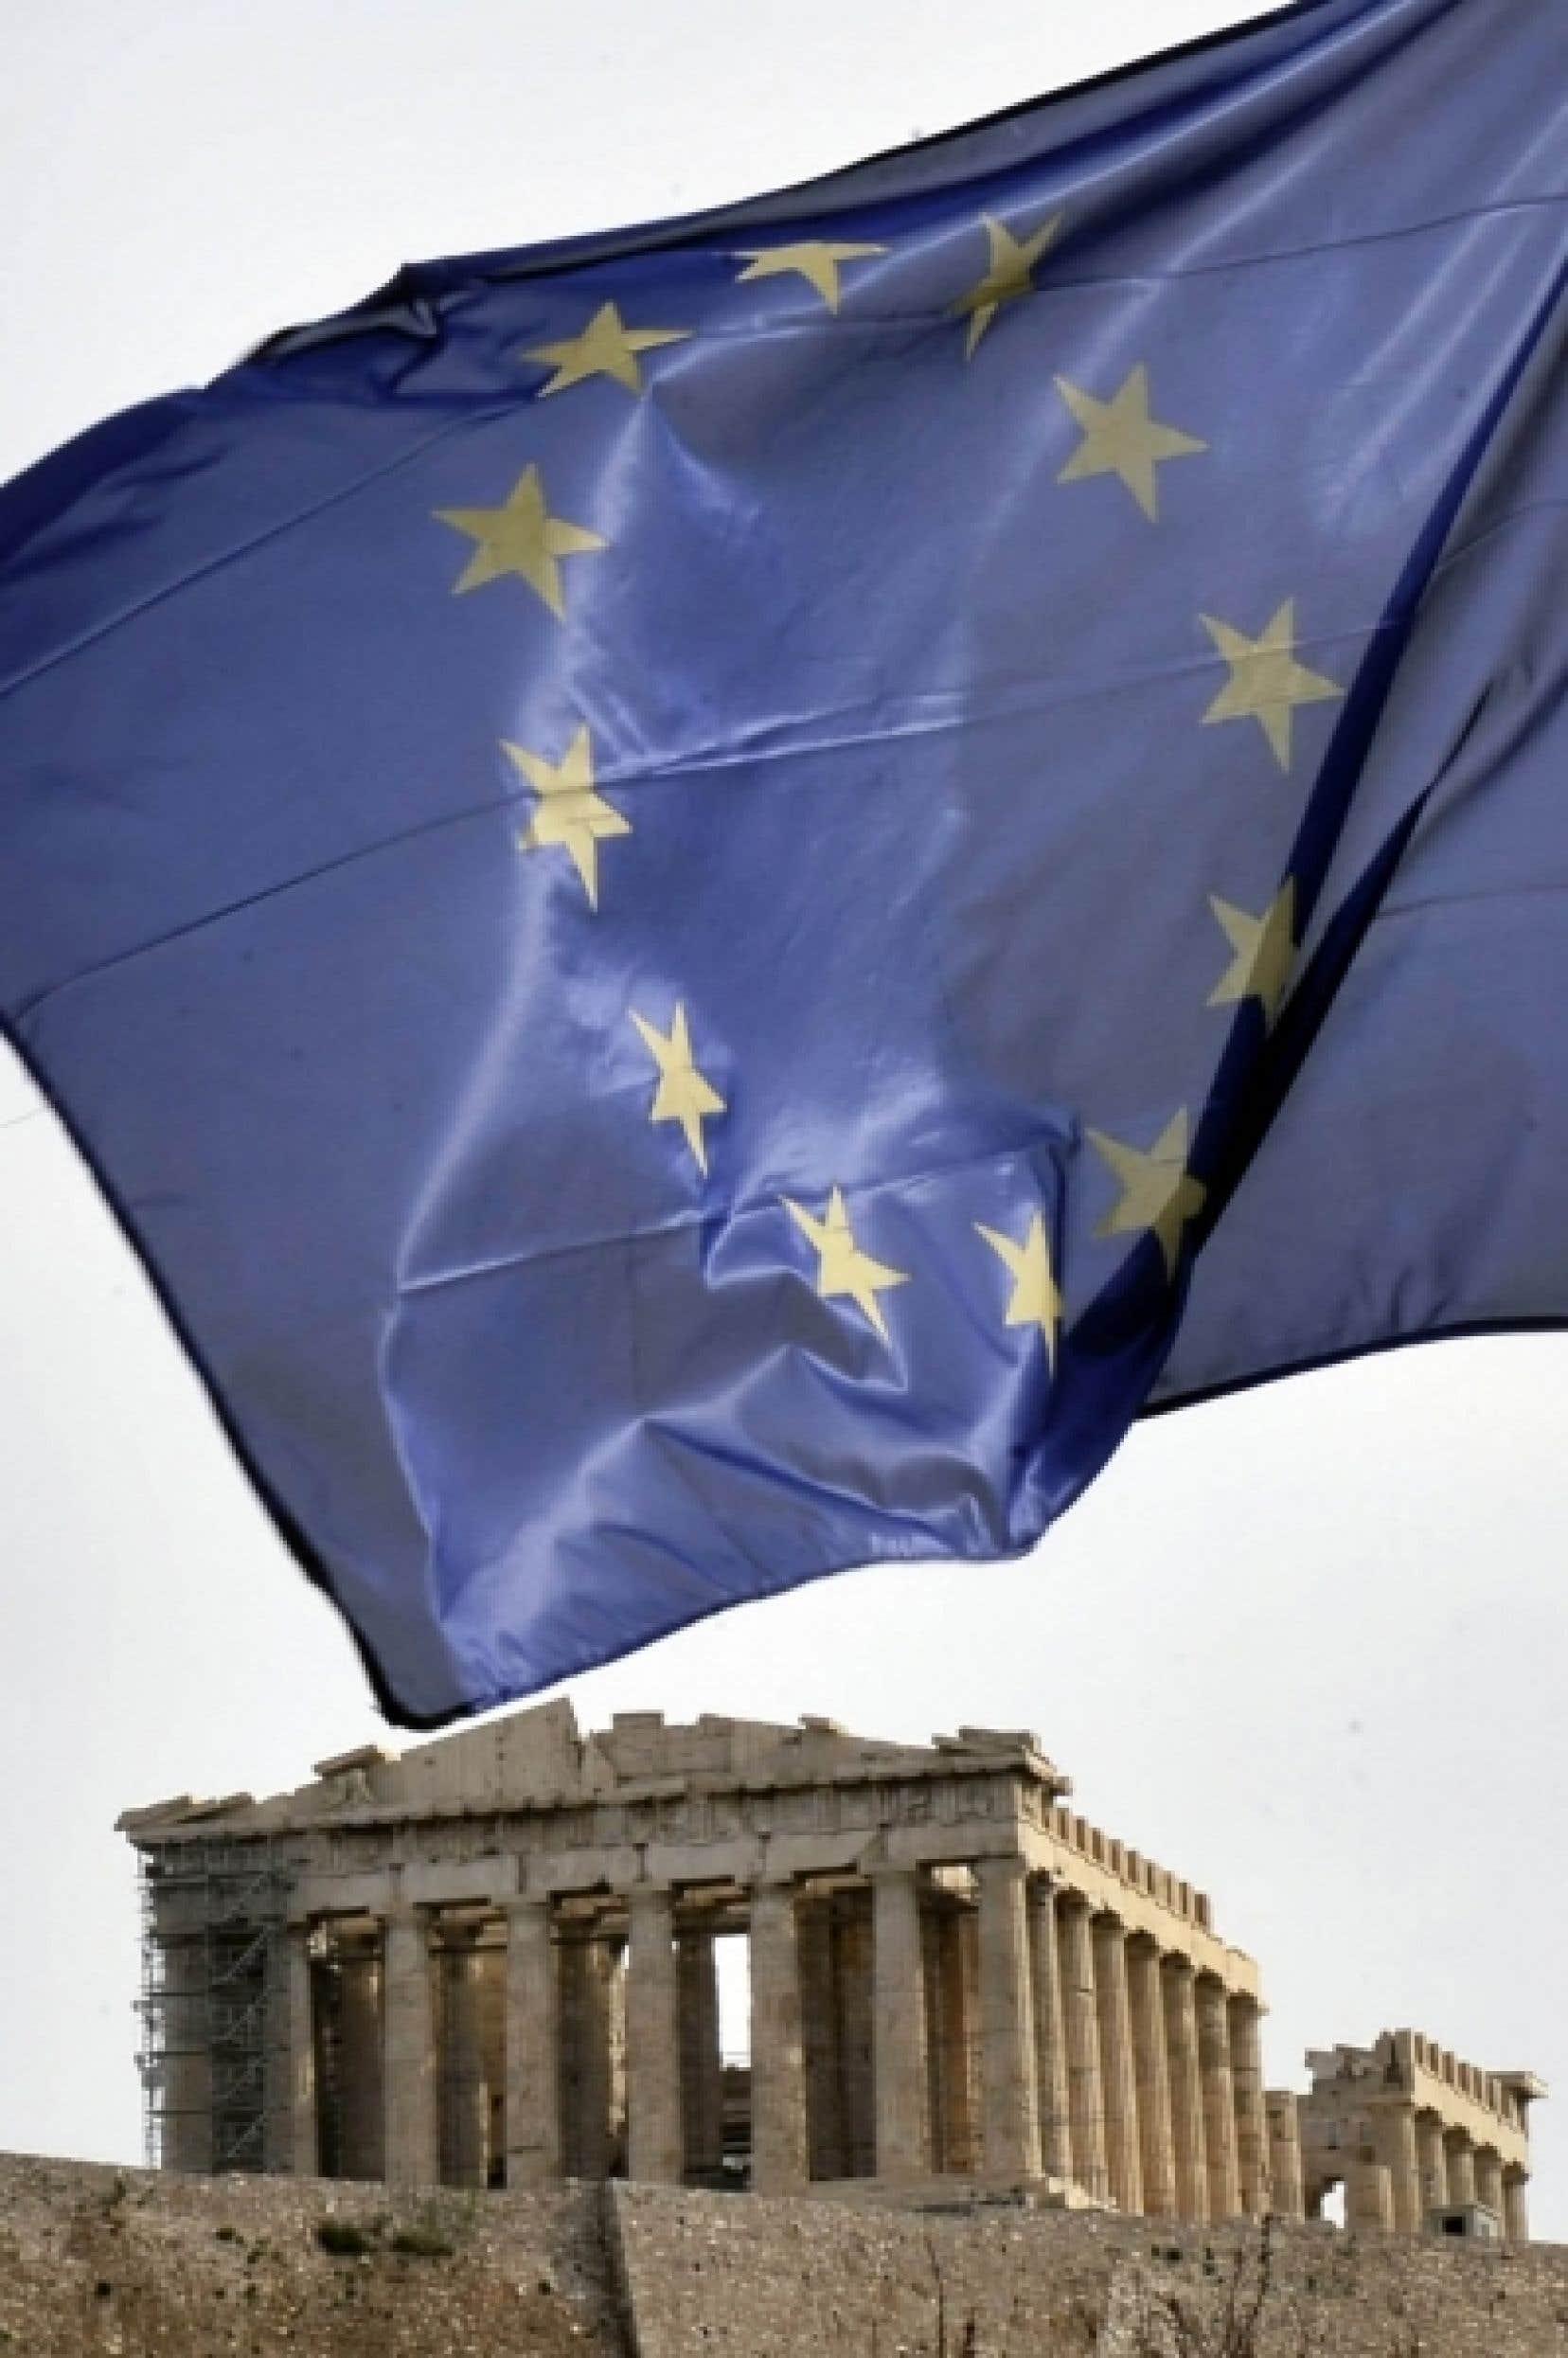 La Grèce négocie avec l'UE et le FMI les modalités d'une aide de 40 à 45 milliards d'euros, destinée à lui permettre de mieux gérer une dette publique de 300 milliards d'euros dont le service lui revient de plus en plus cher sur les marchés.